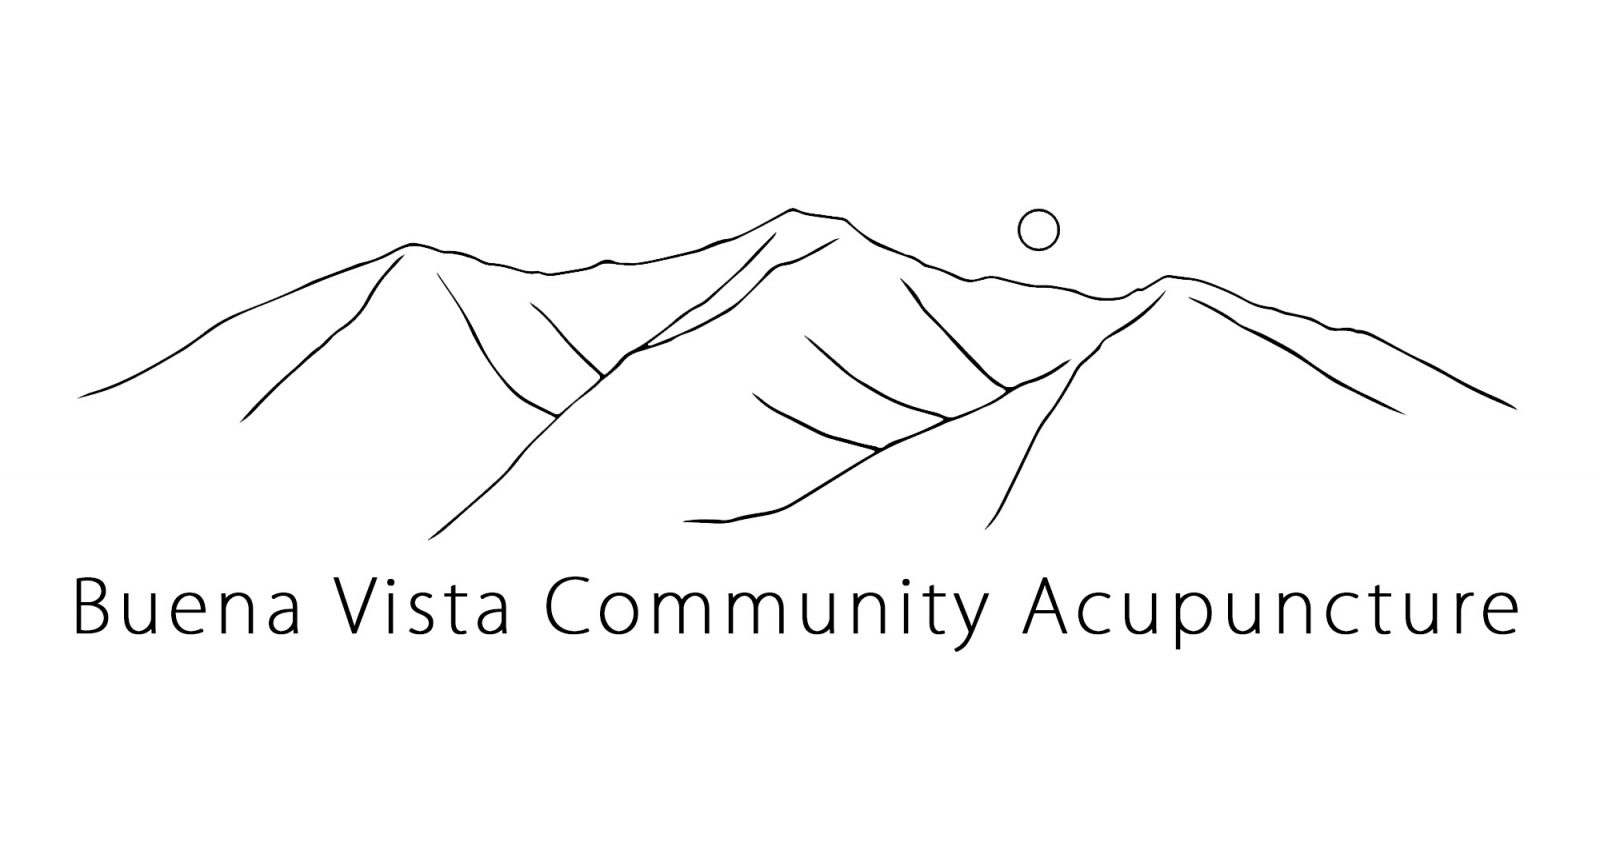 Buena Vista Community Acupuncture